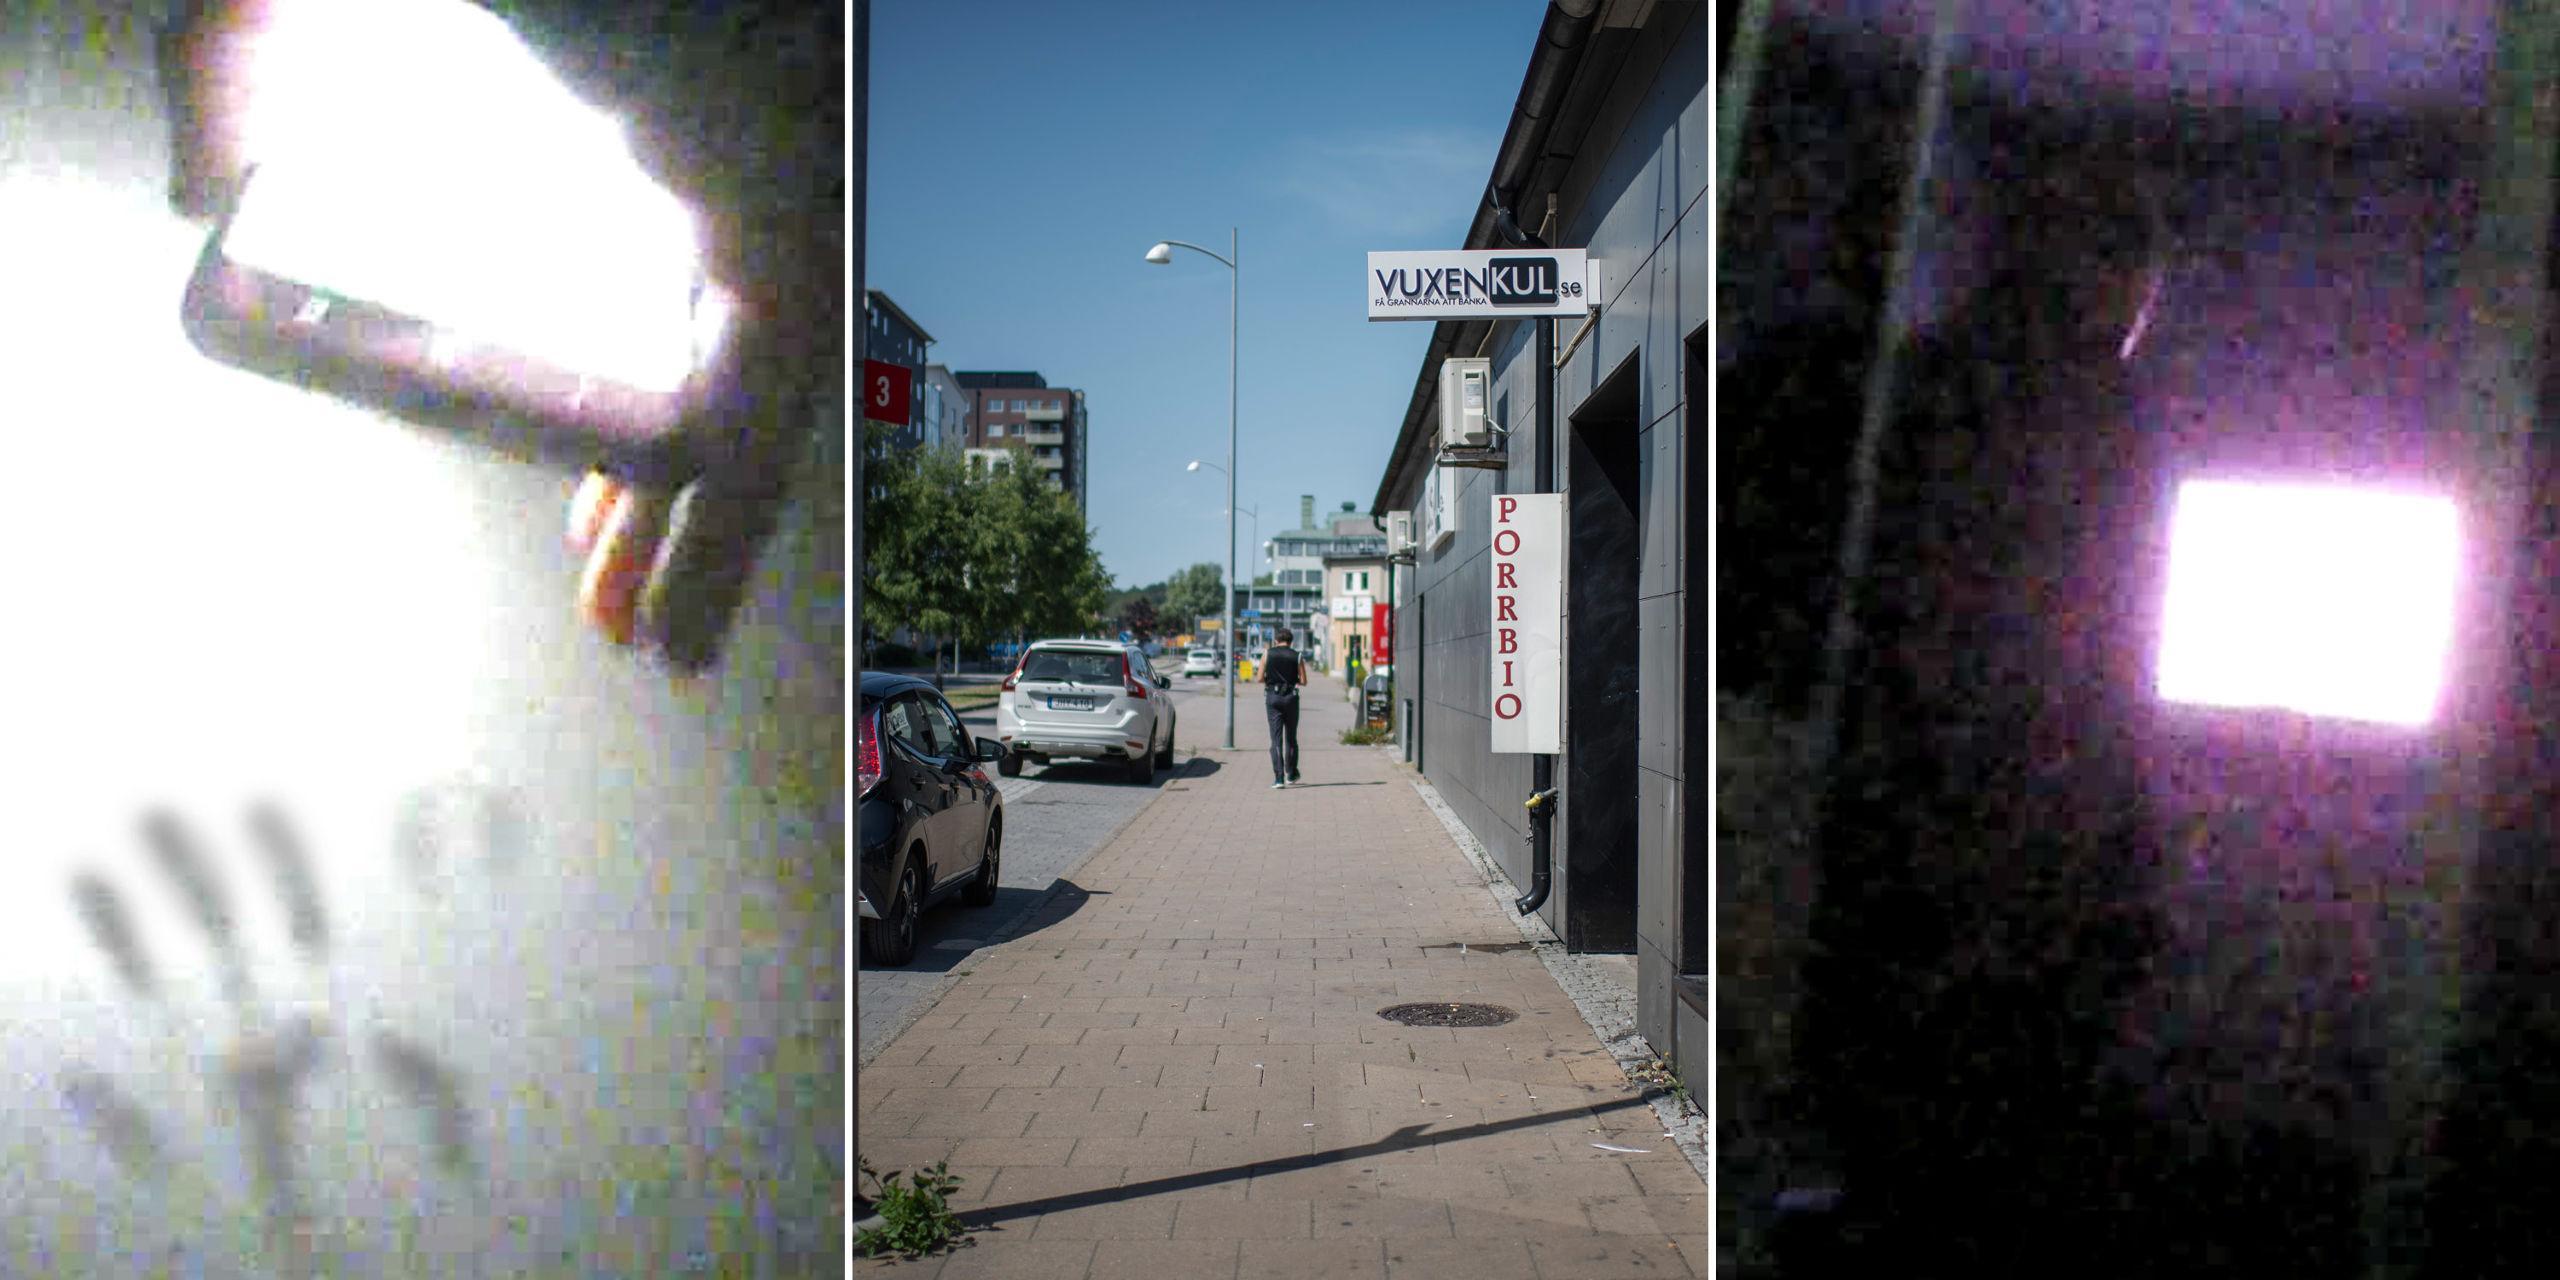 Porrbiograf Göteborg